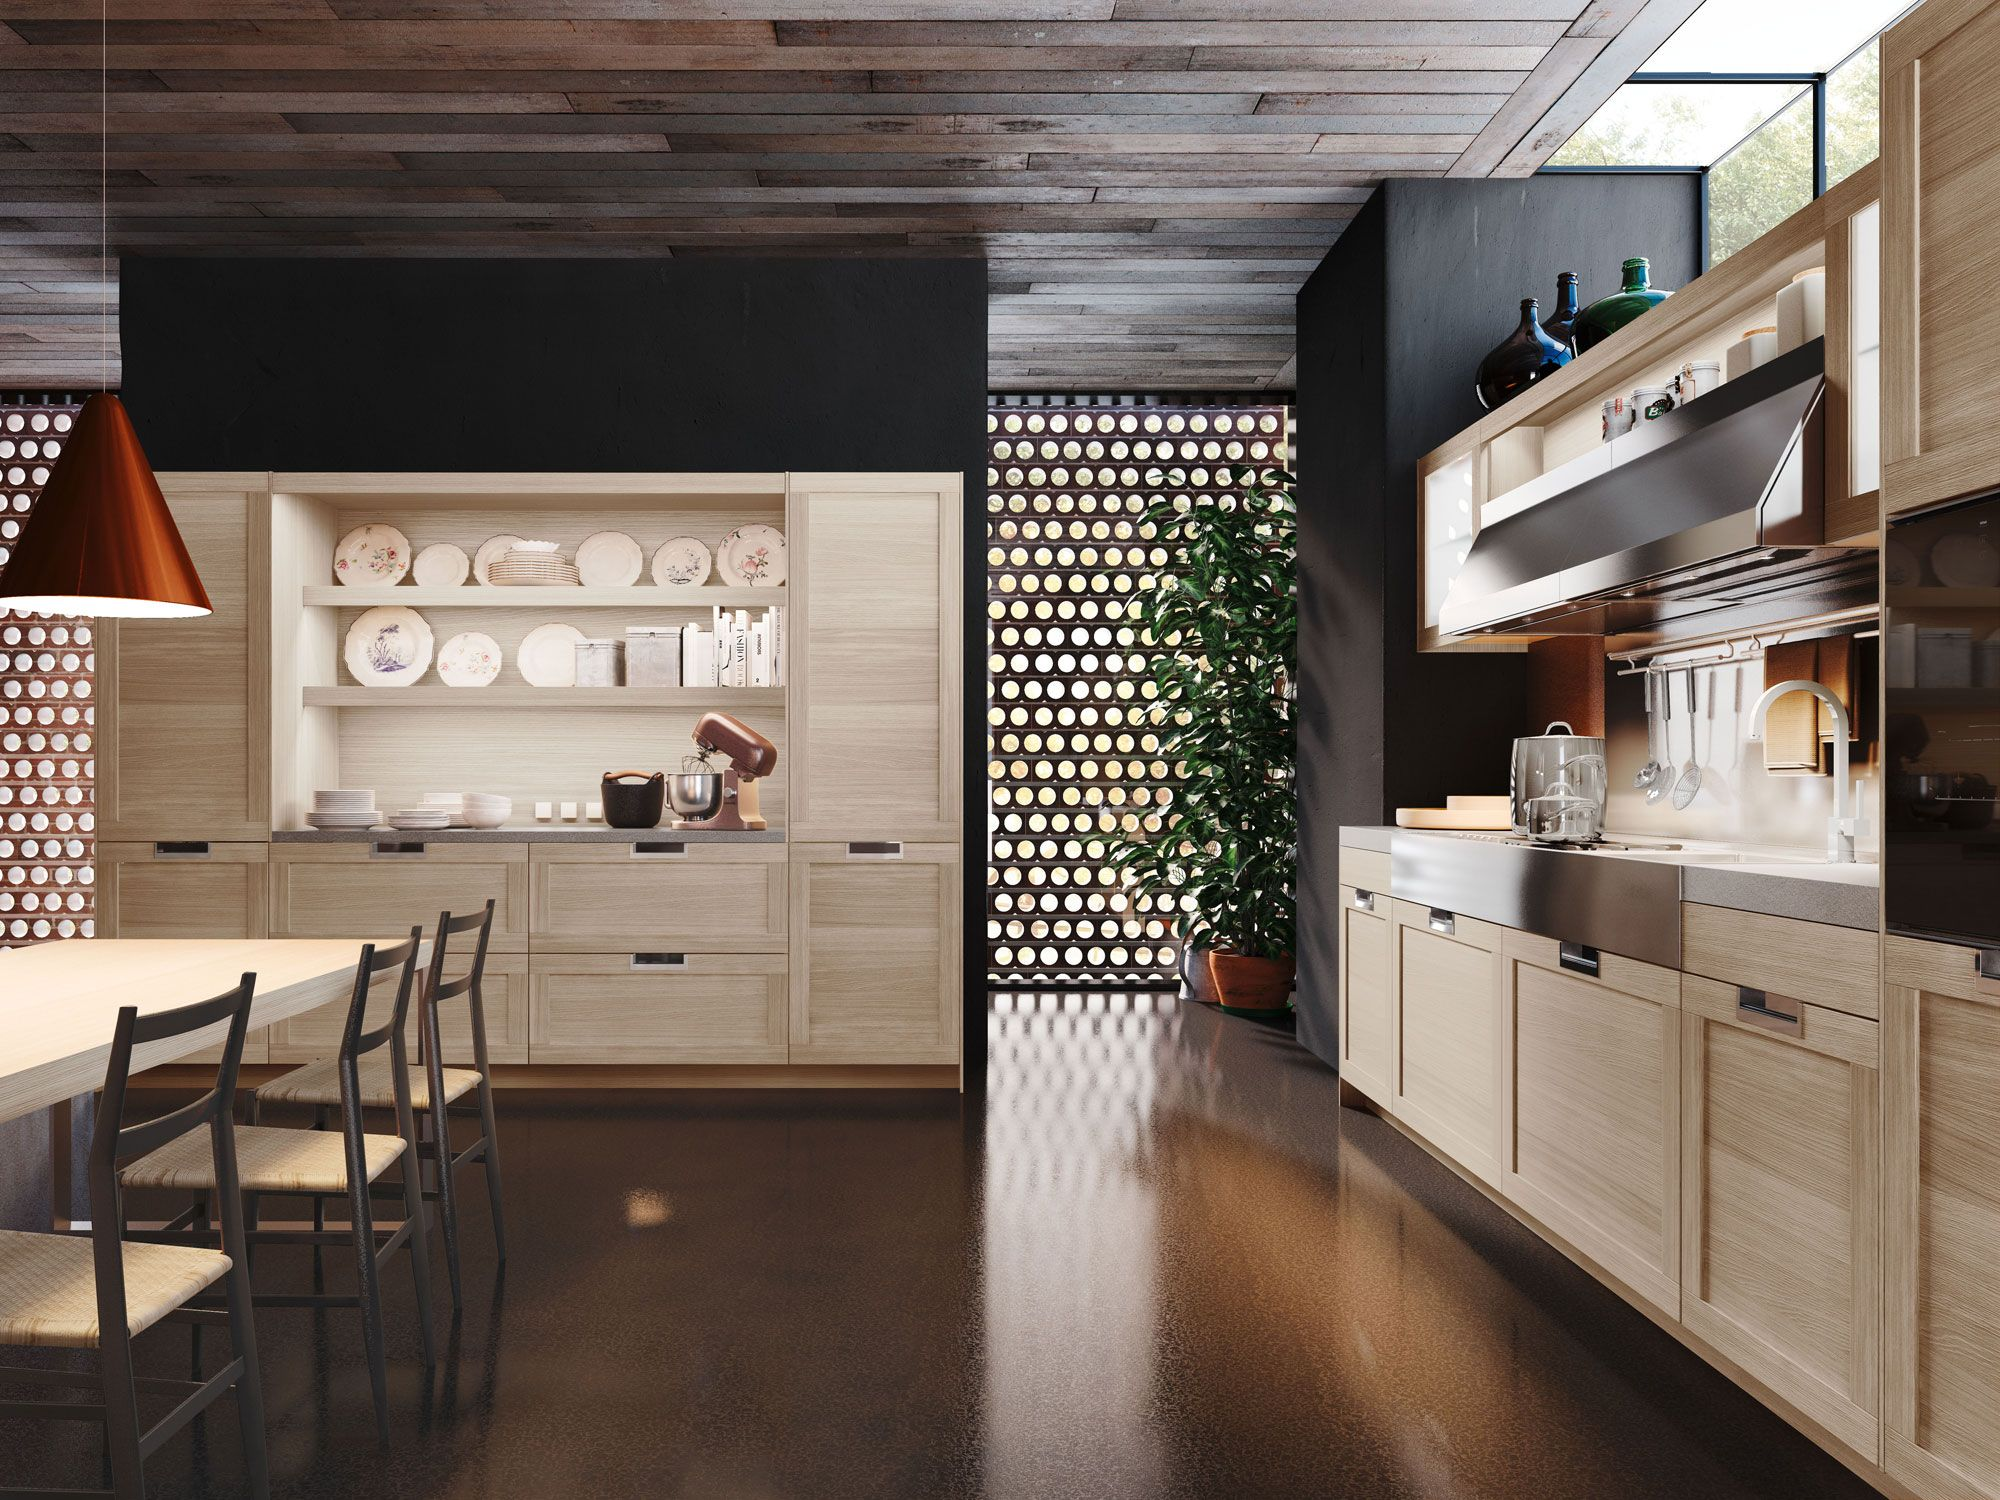 Cucina Lux Snaidero Prezzi lux classic | cucine di lusso, design della cucina, cucina